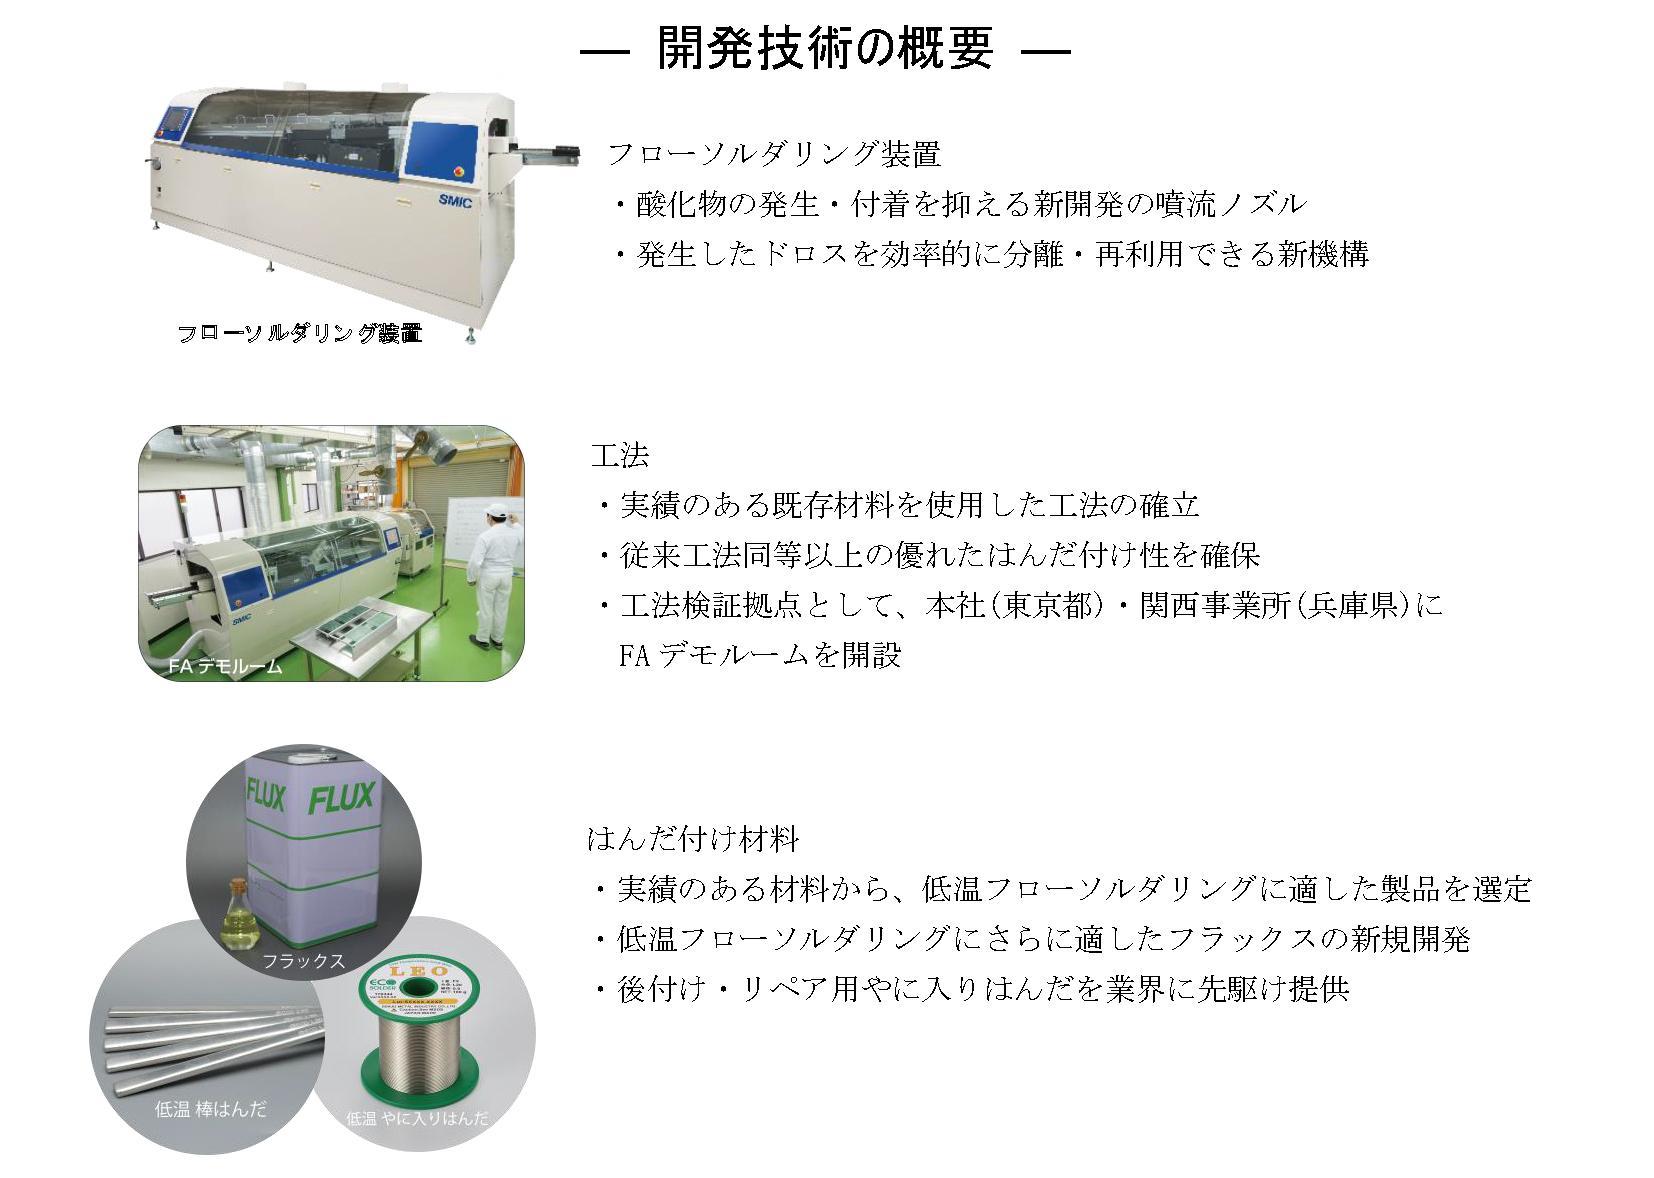 ニュースリリース_2021-05_低温フローソルダリング技術を確立.jpg